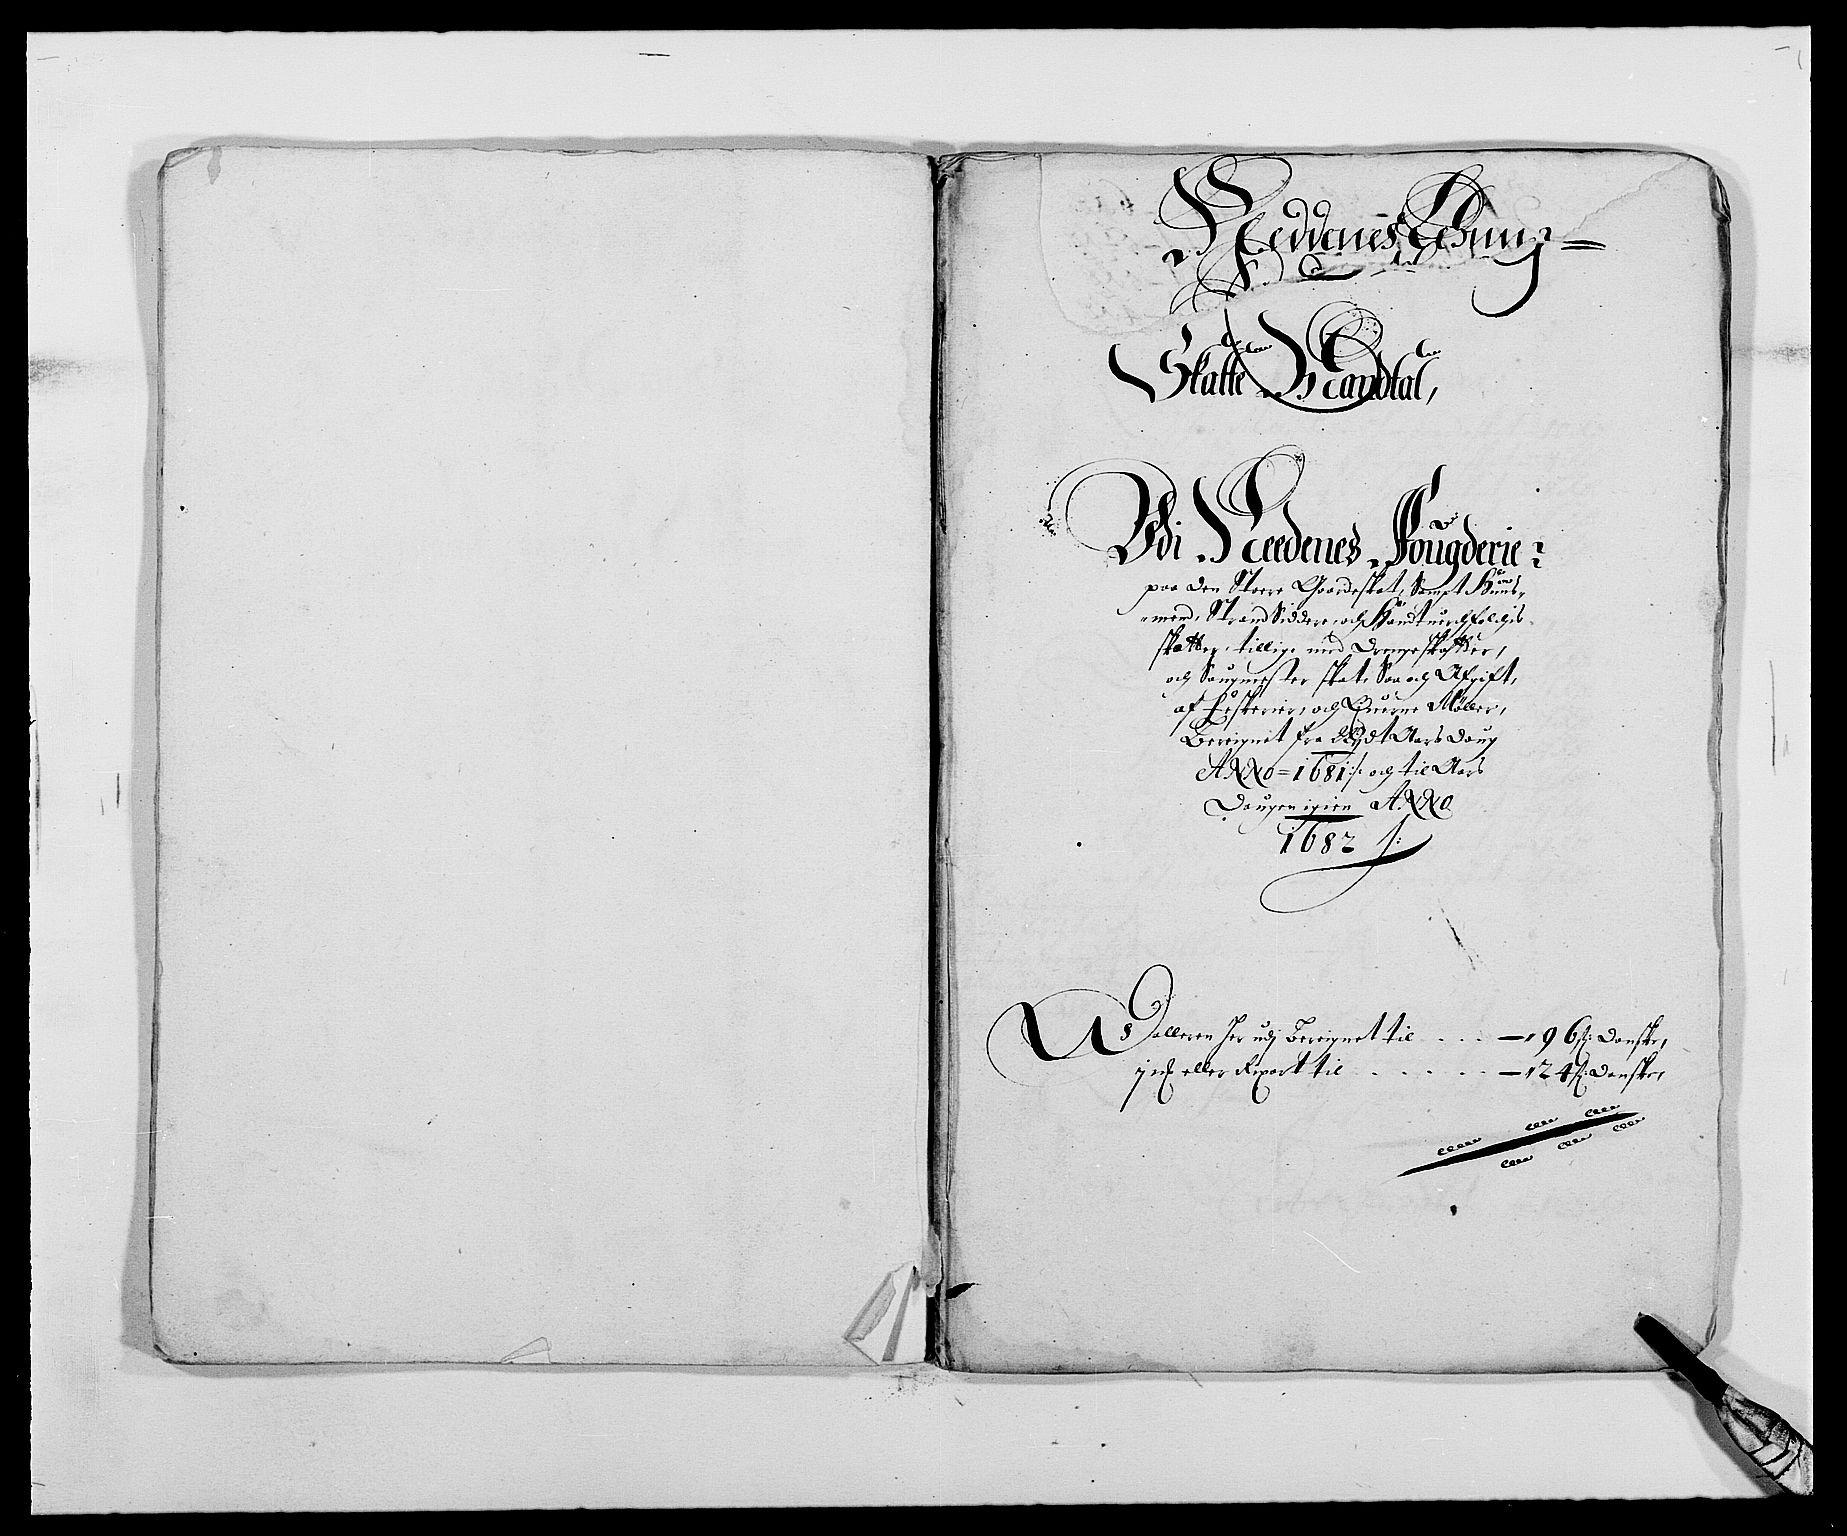 RA, Rentekammeret inntil 1814, Reviderte regnskaper, Fogderegnskap, R39/L2304: Fogderegnskap Nedenes, 1680-1682, s. 210